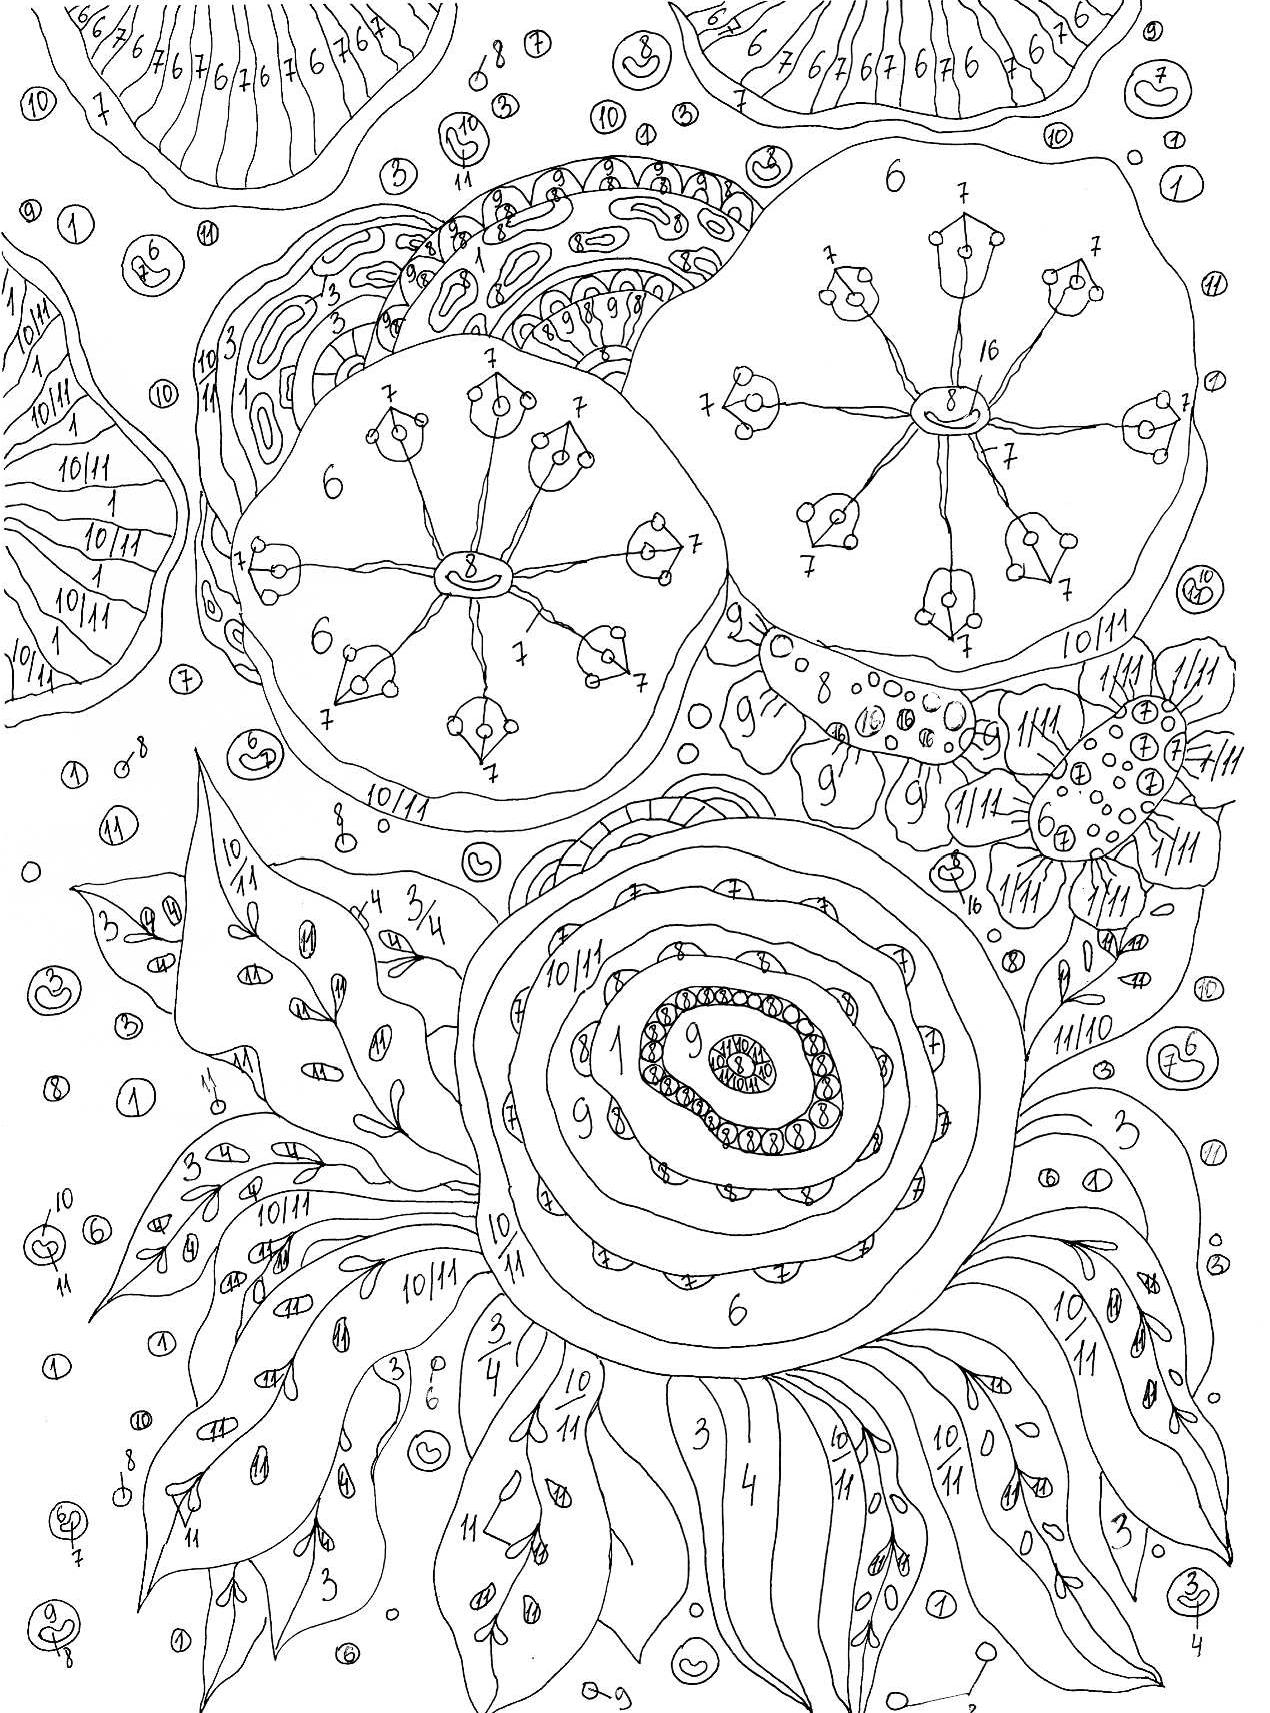 Картинки для релаксации и медитации раскраски, картинки